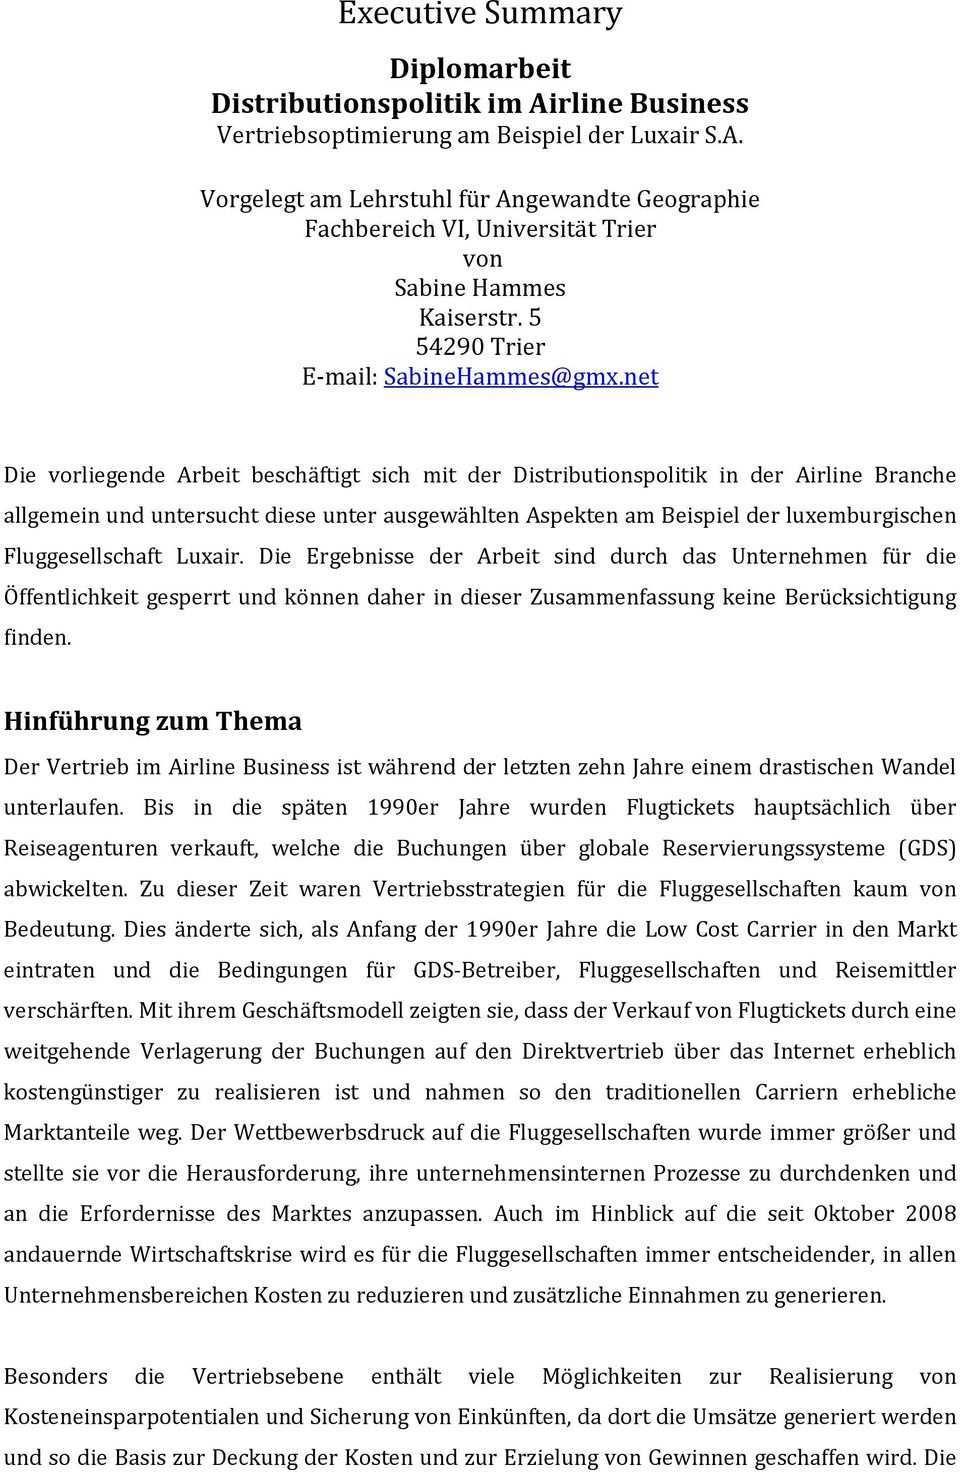 Executive Summary Diplomarbeit Distributionspolitik Im Airline Business Vertriebsoptimierung Am Beispiel Der Luxair S A Pdf Free Download